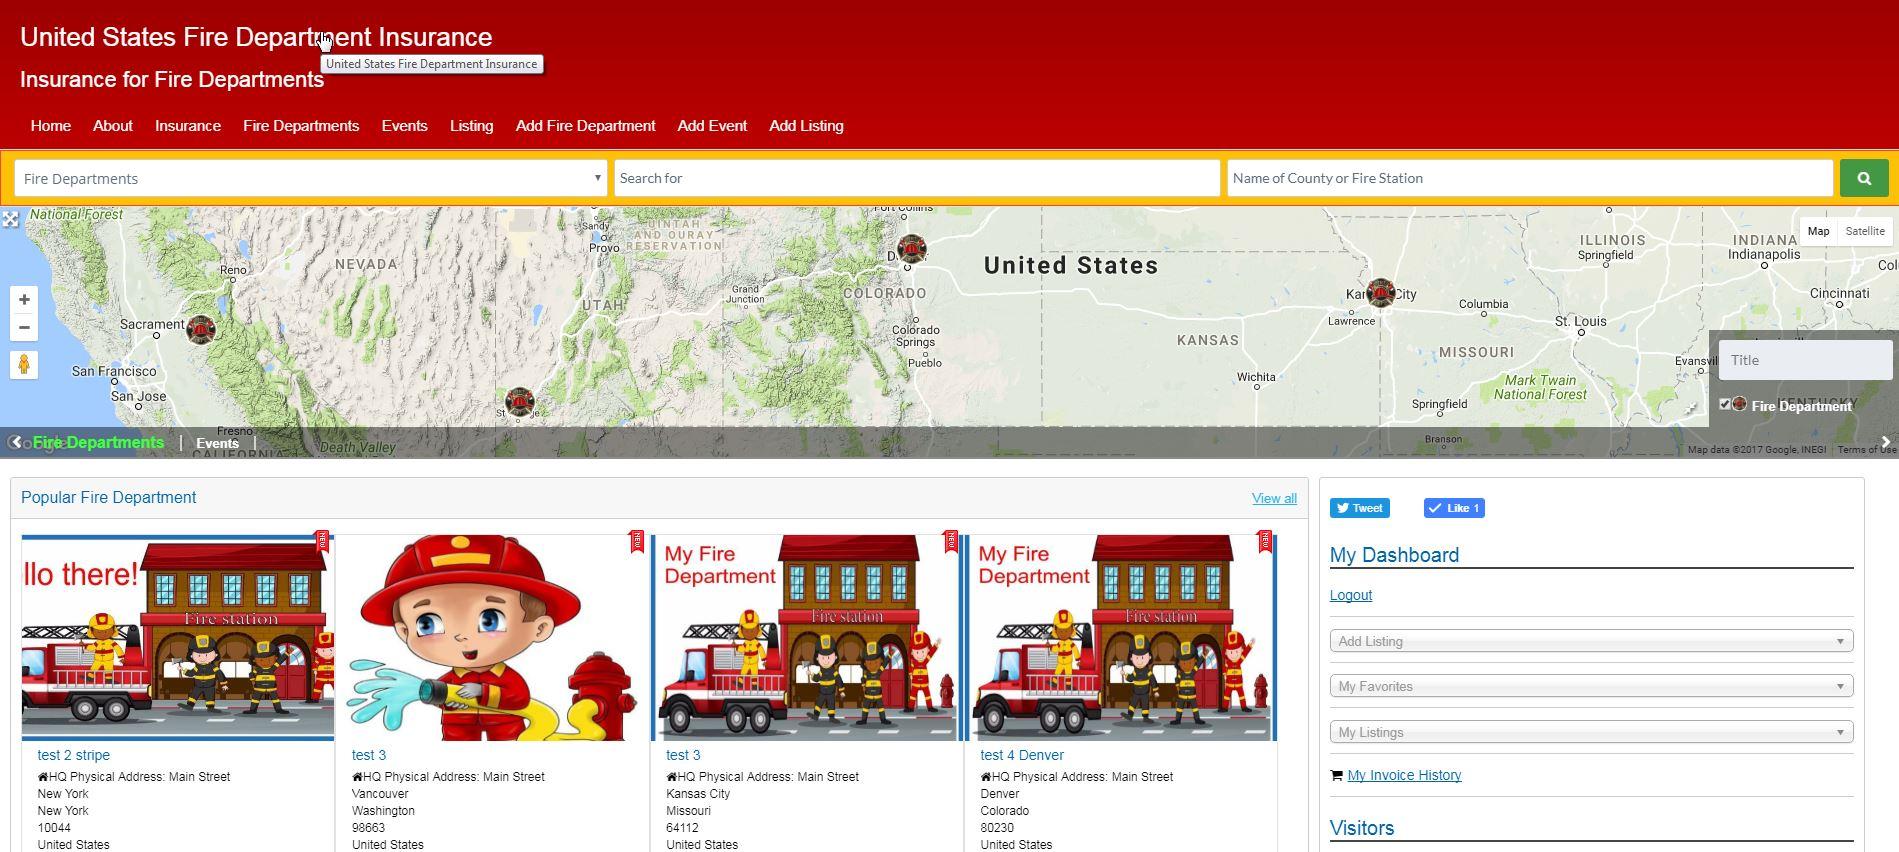 Fire Department Insurance